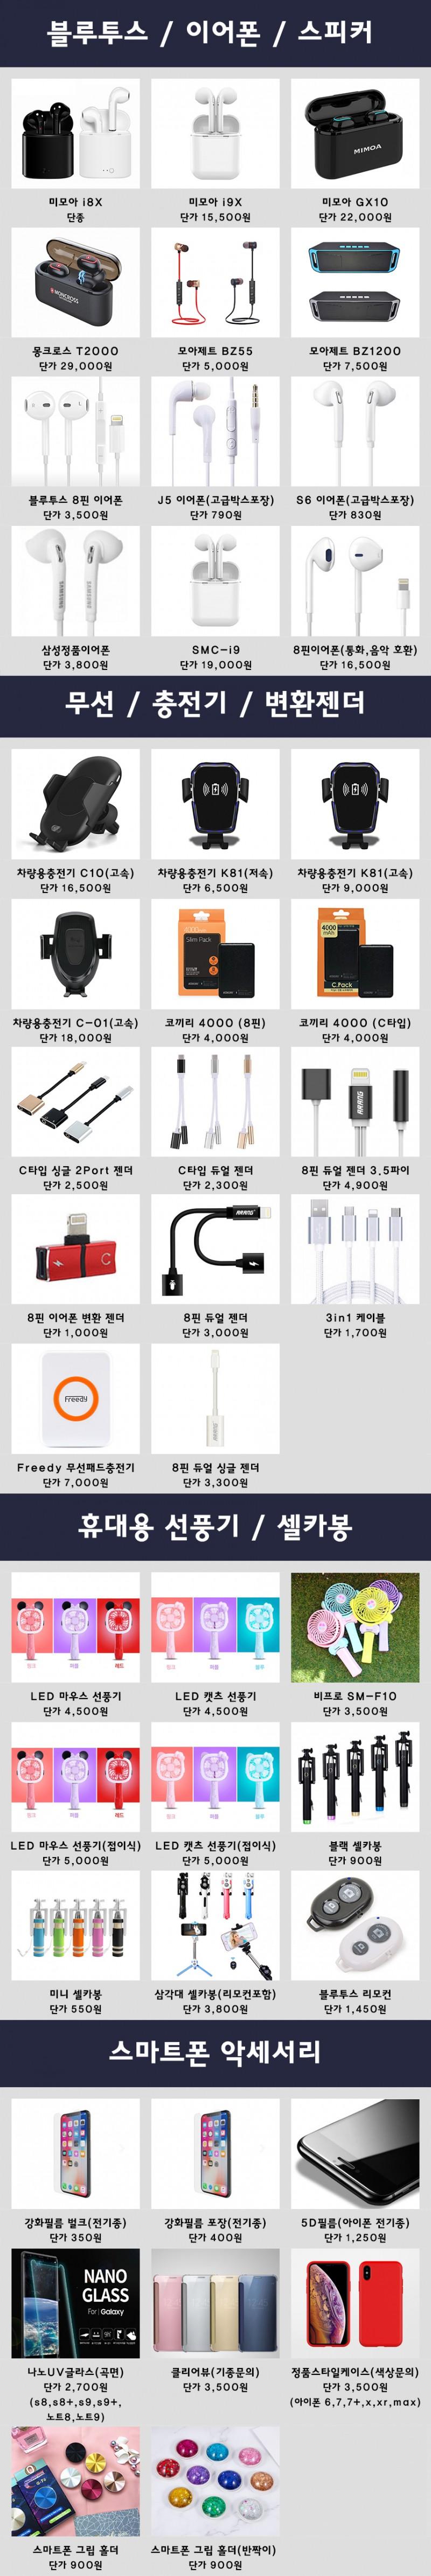 휴대폰 악세서리,사은품,판촉물,수입대행,도매 전문업체